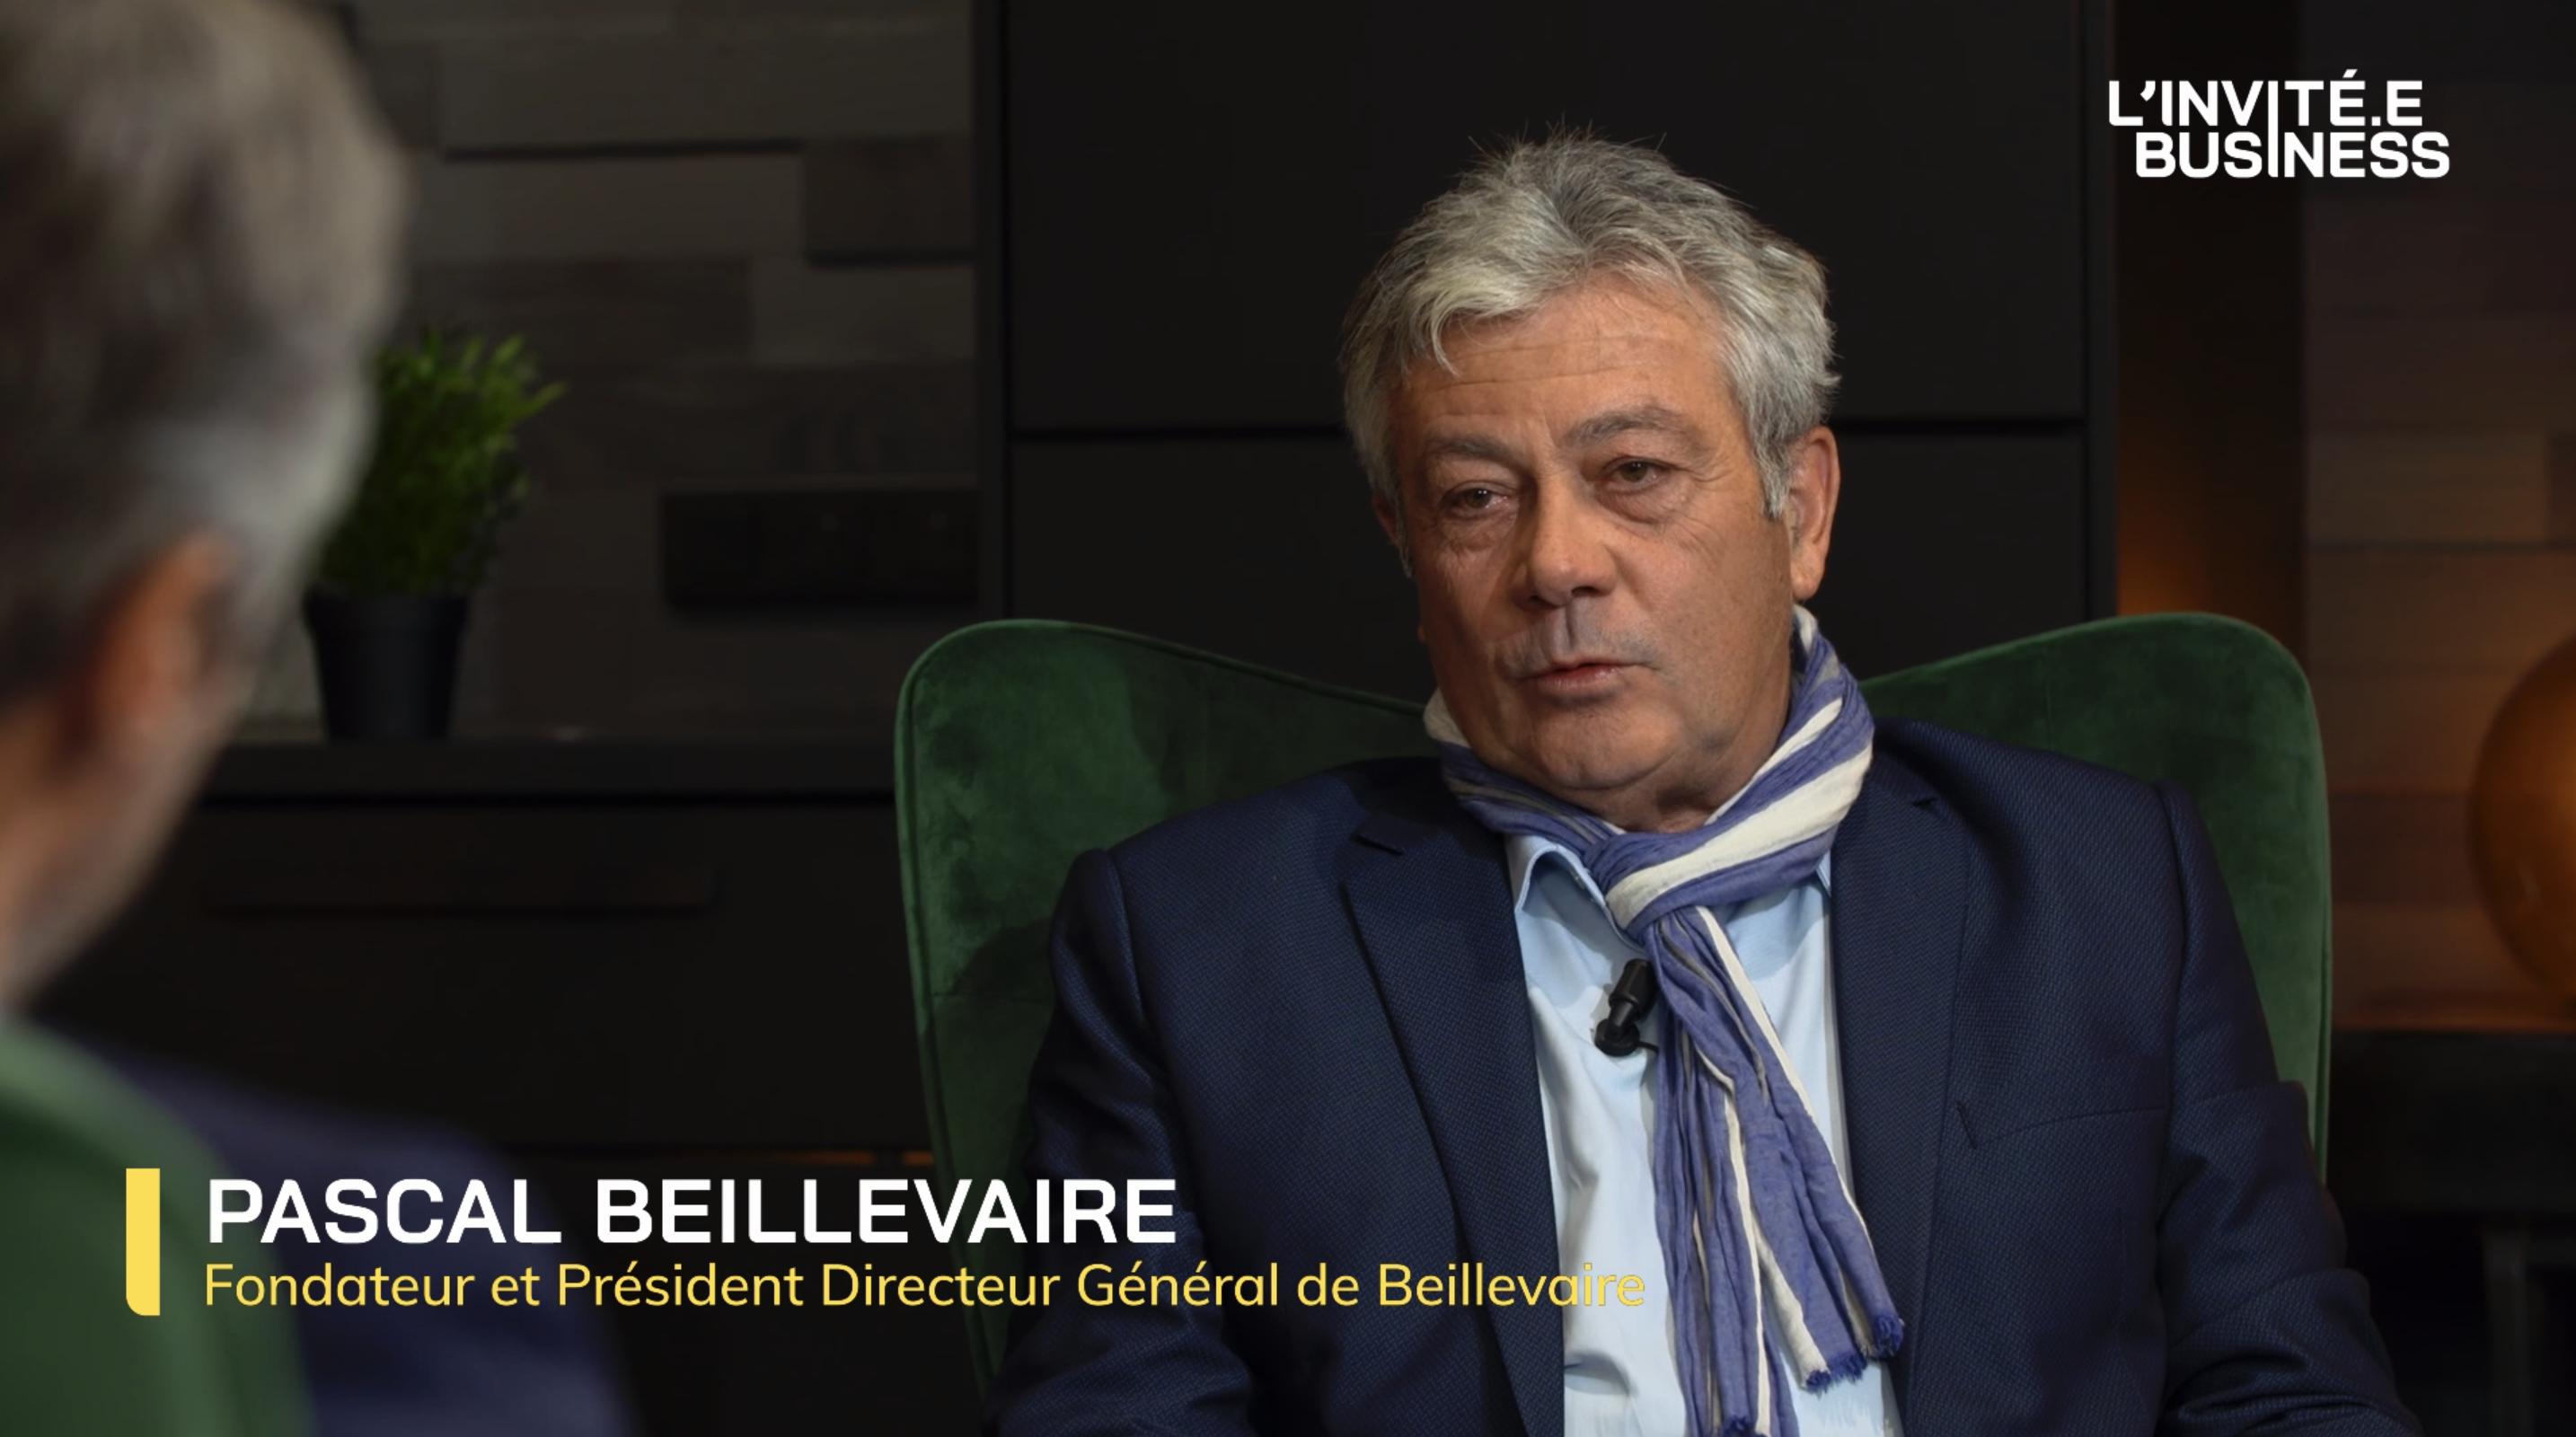 L'émission longue - Pascal Beillevaire, Fondateur et Président Directeur Général du Groupe Beillevaire